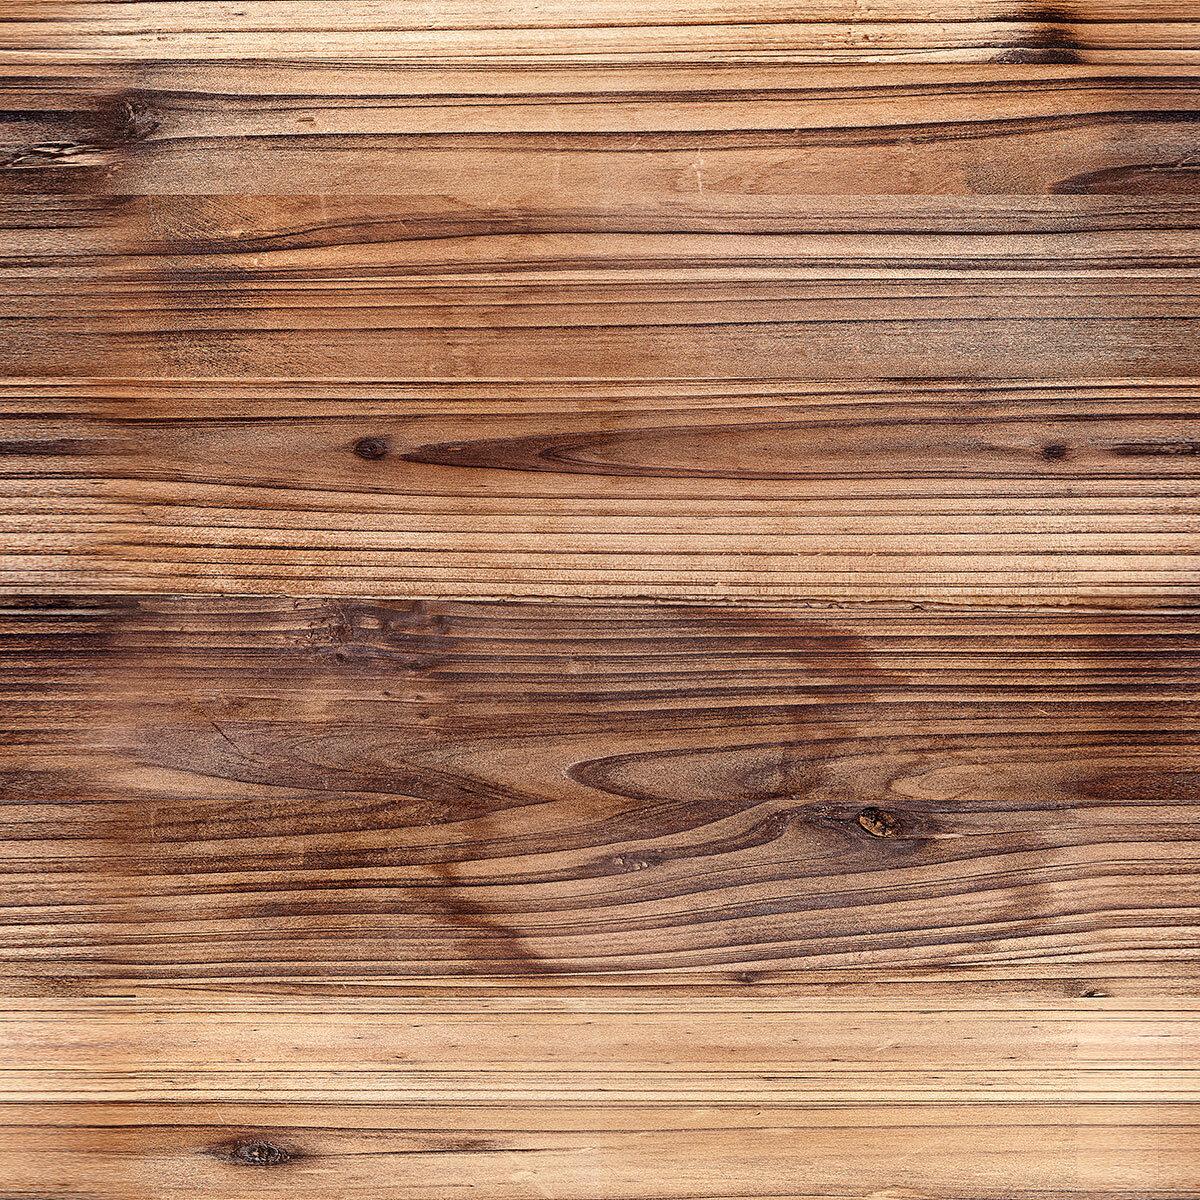 Loon Peak Locke Wood Imitation Removable Peel And Stick Wallpaper Panel Wayfair